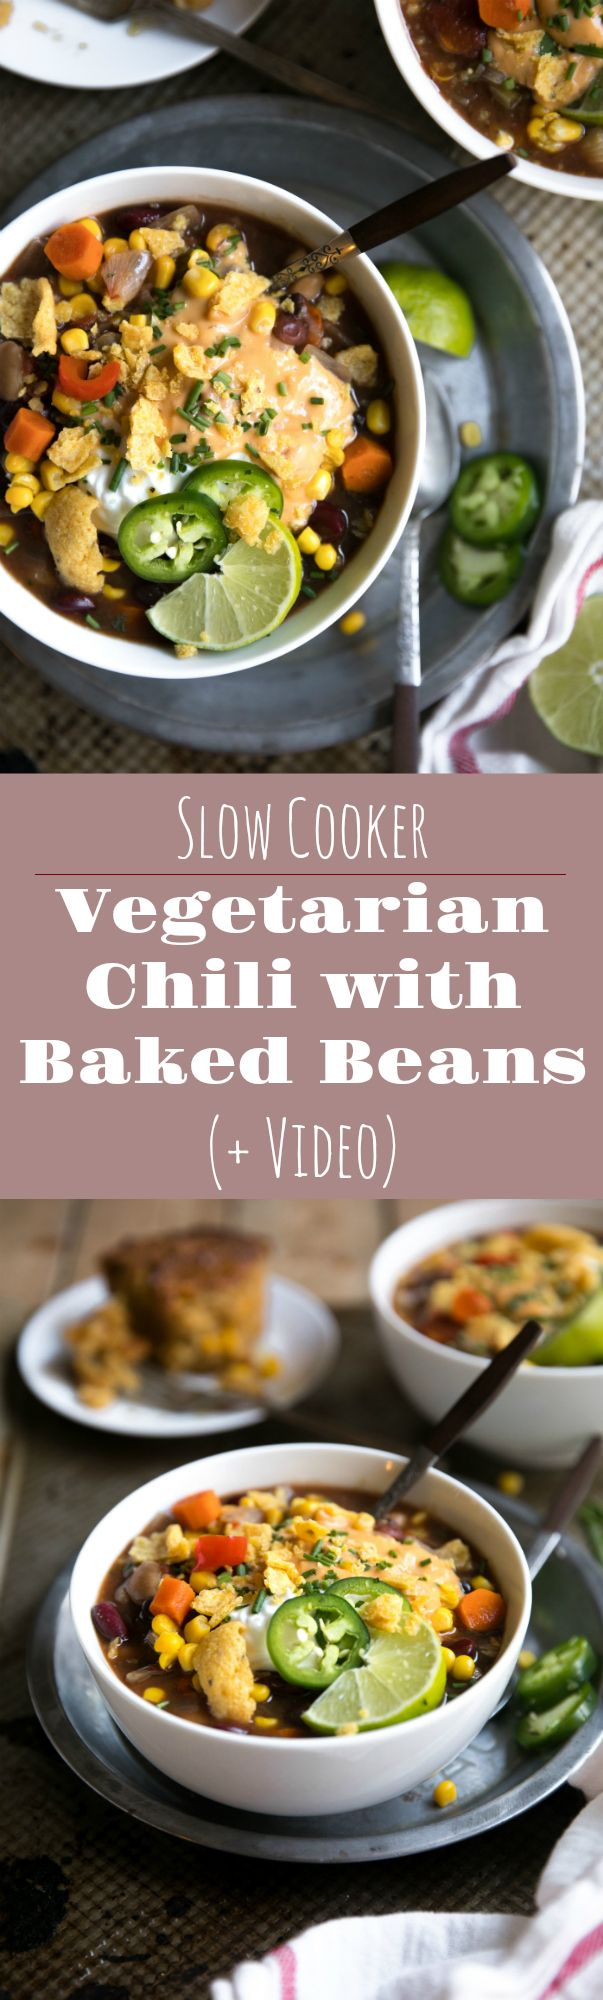 Slow Cooker Vegetarisches Chili mit gebackenen Bohnen (+ Video) – Der Gabellöffel  – SLOW COOKER | CASSEROLE RECIPES